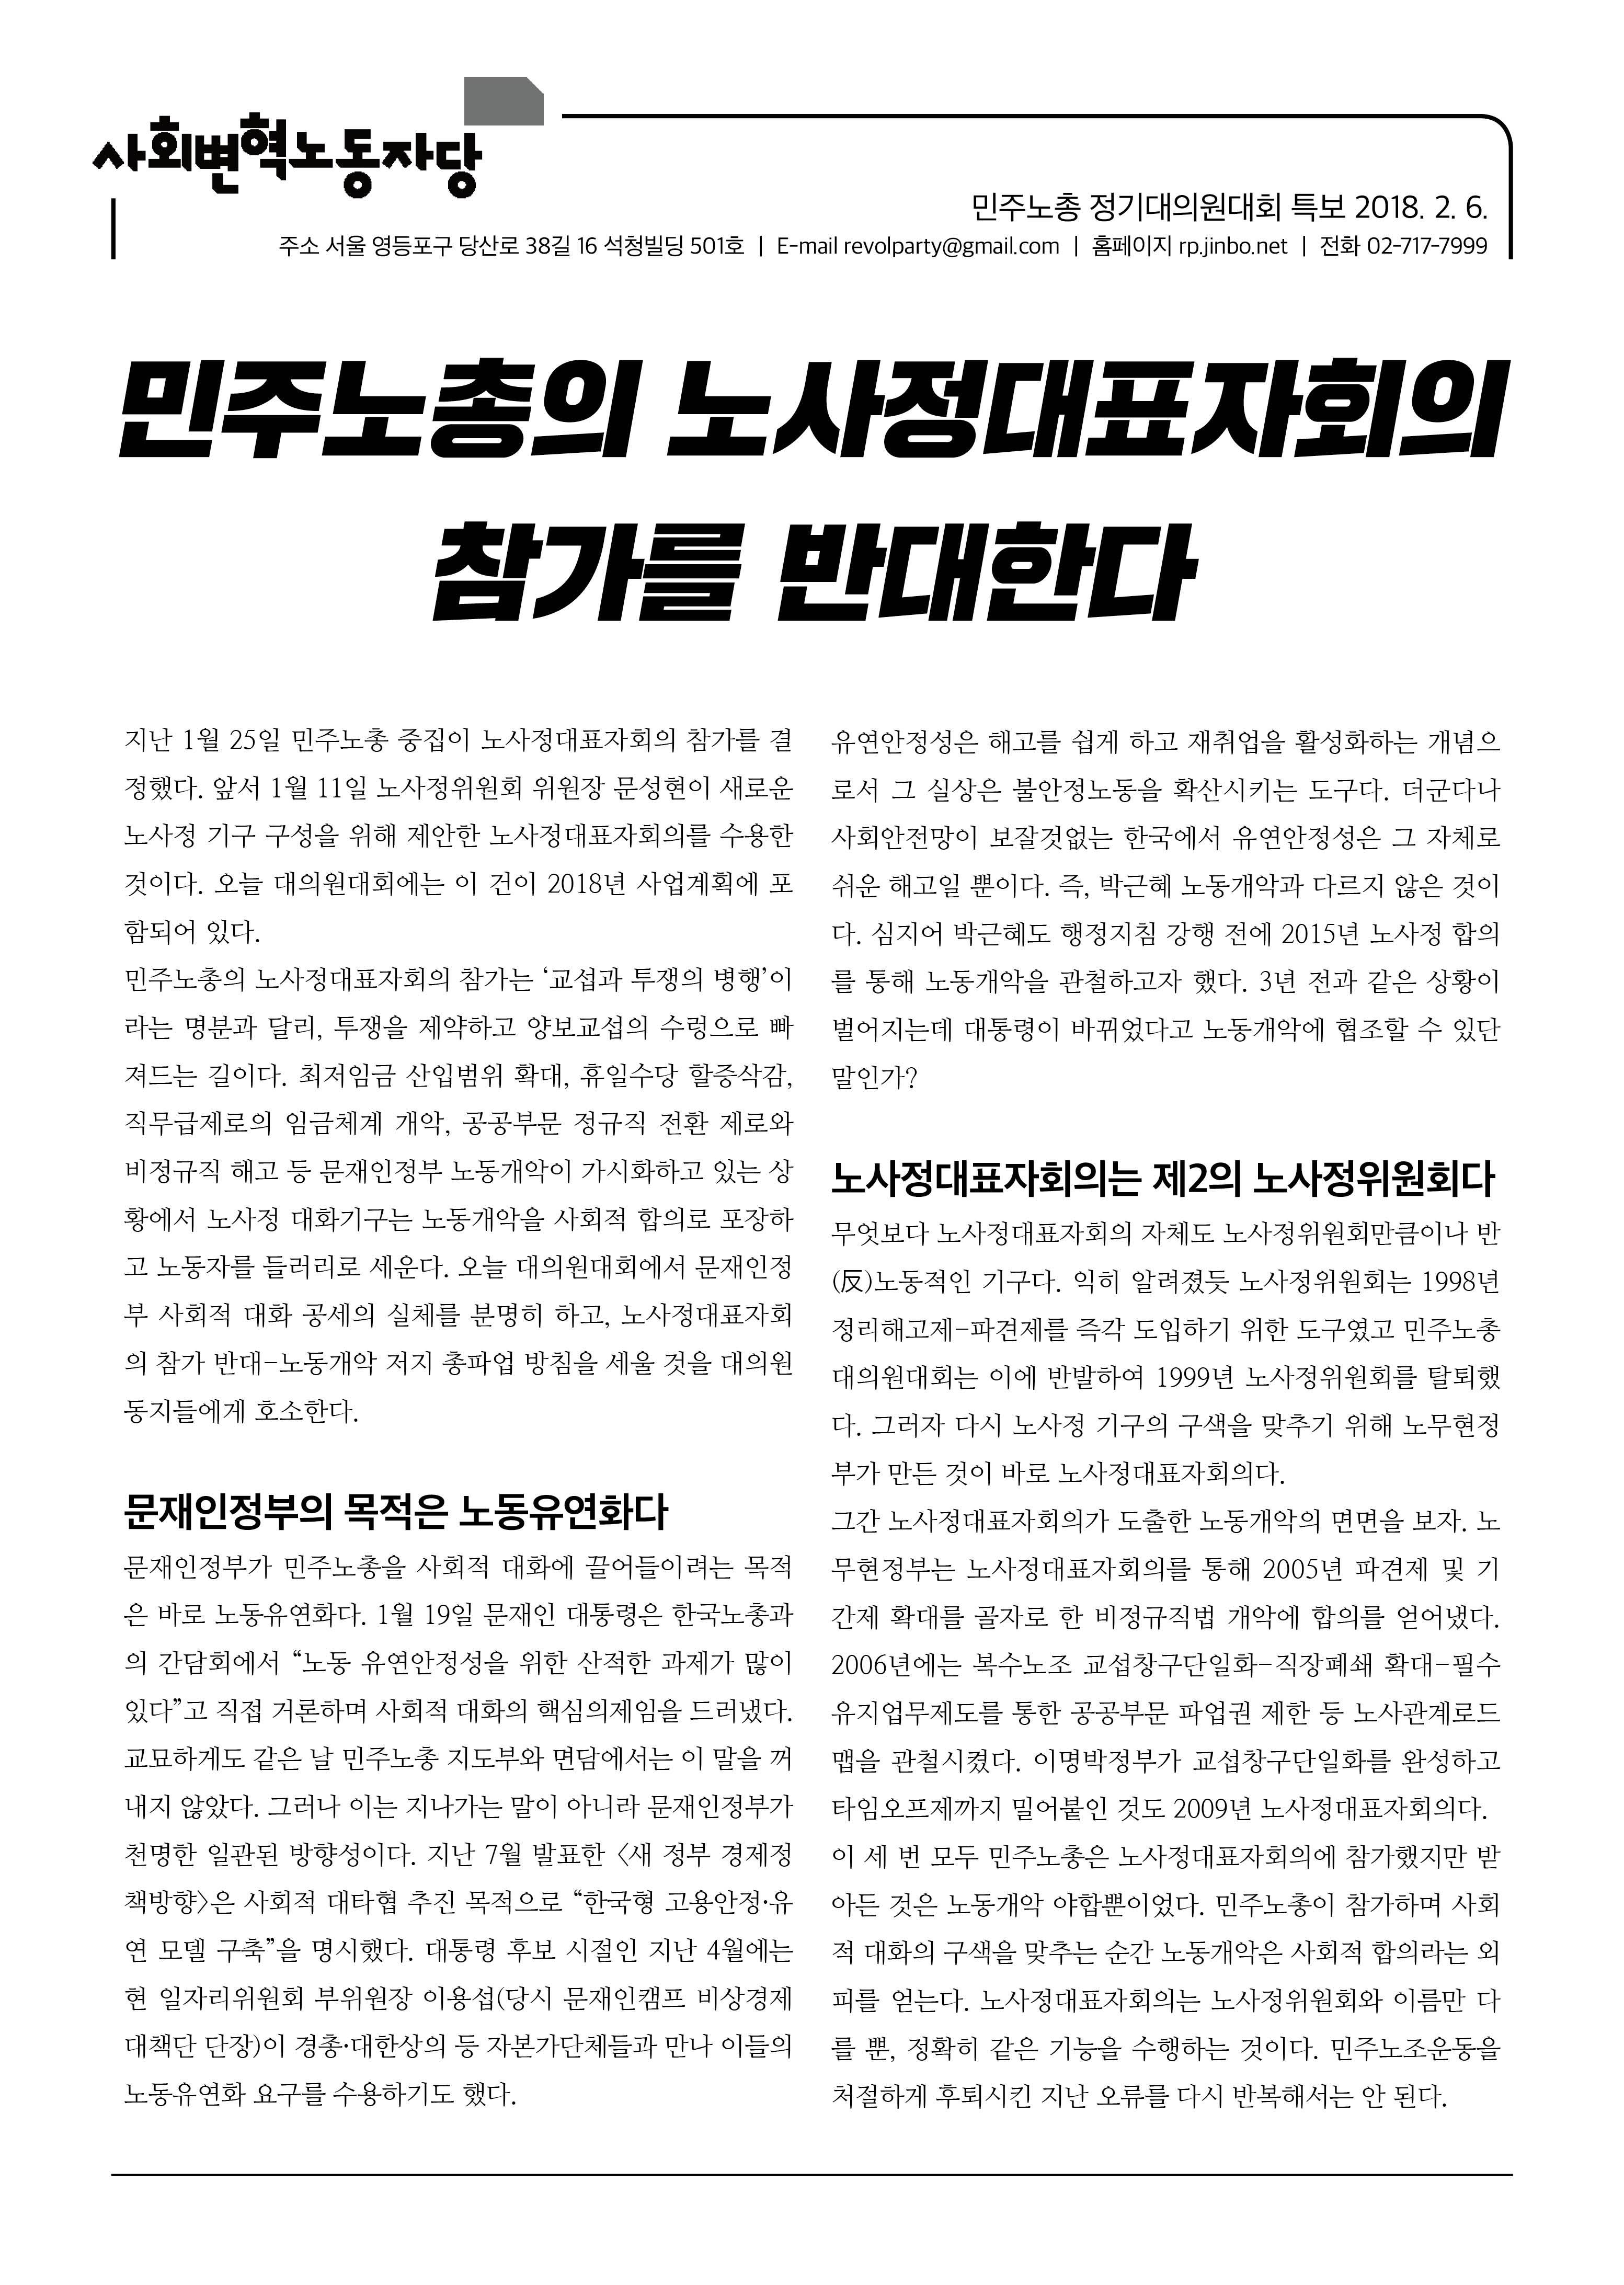 민주노총 대대 유인물 수정 끝.jpg